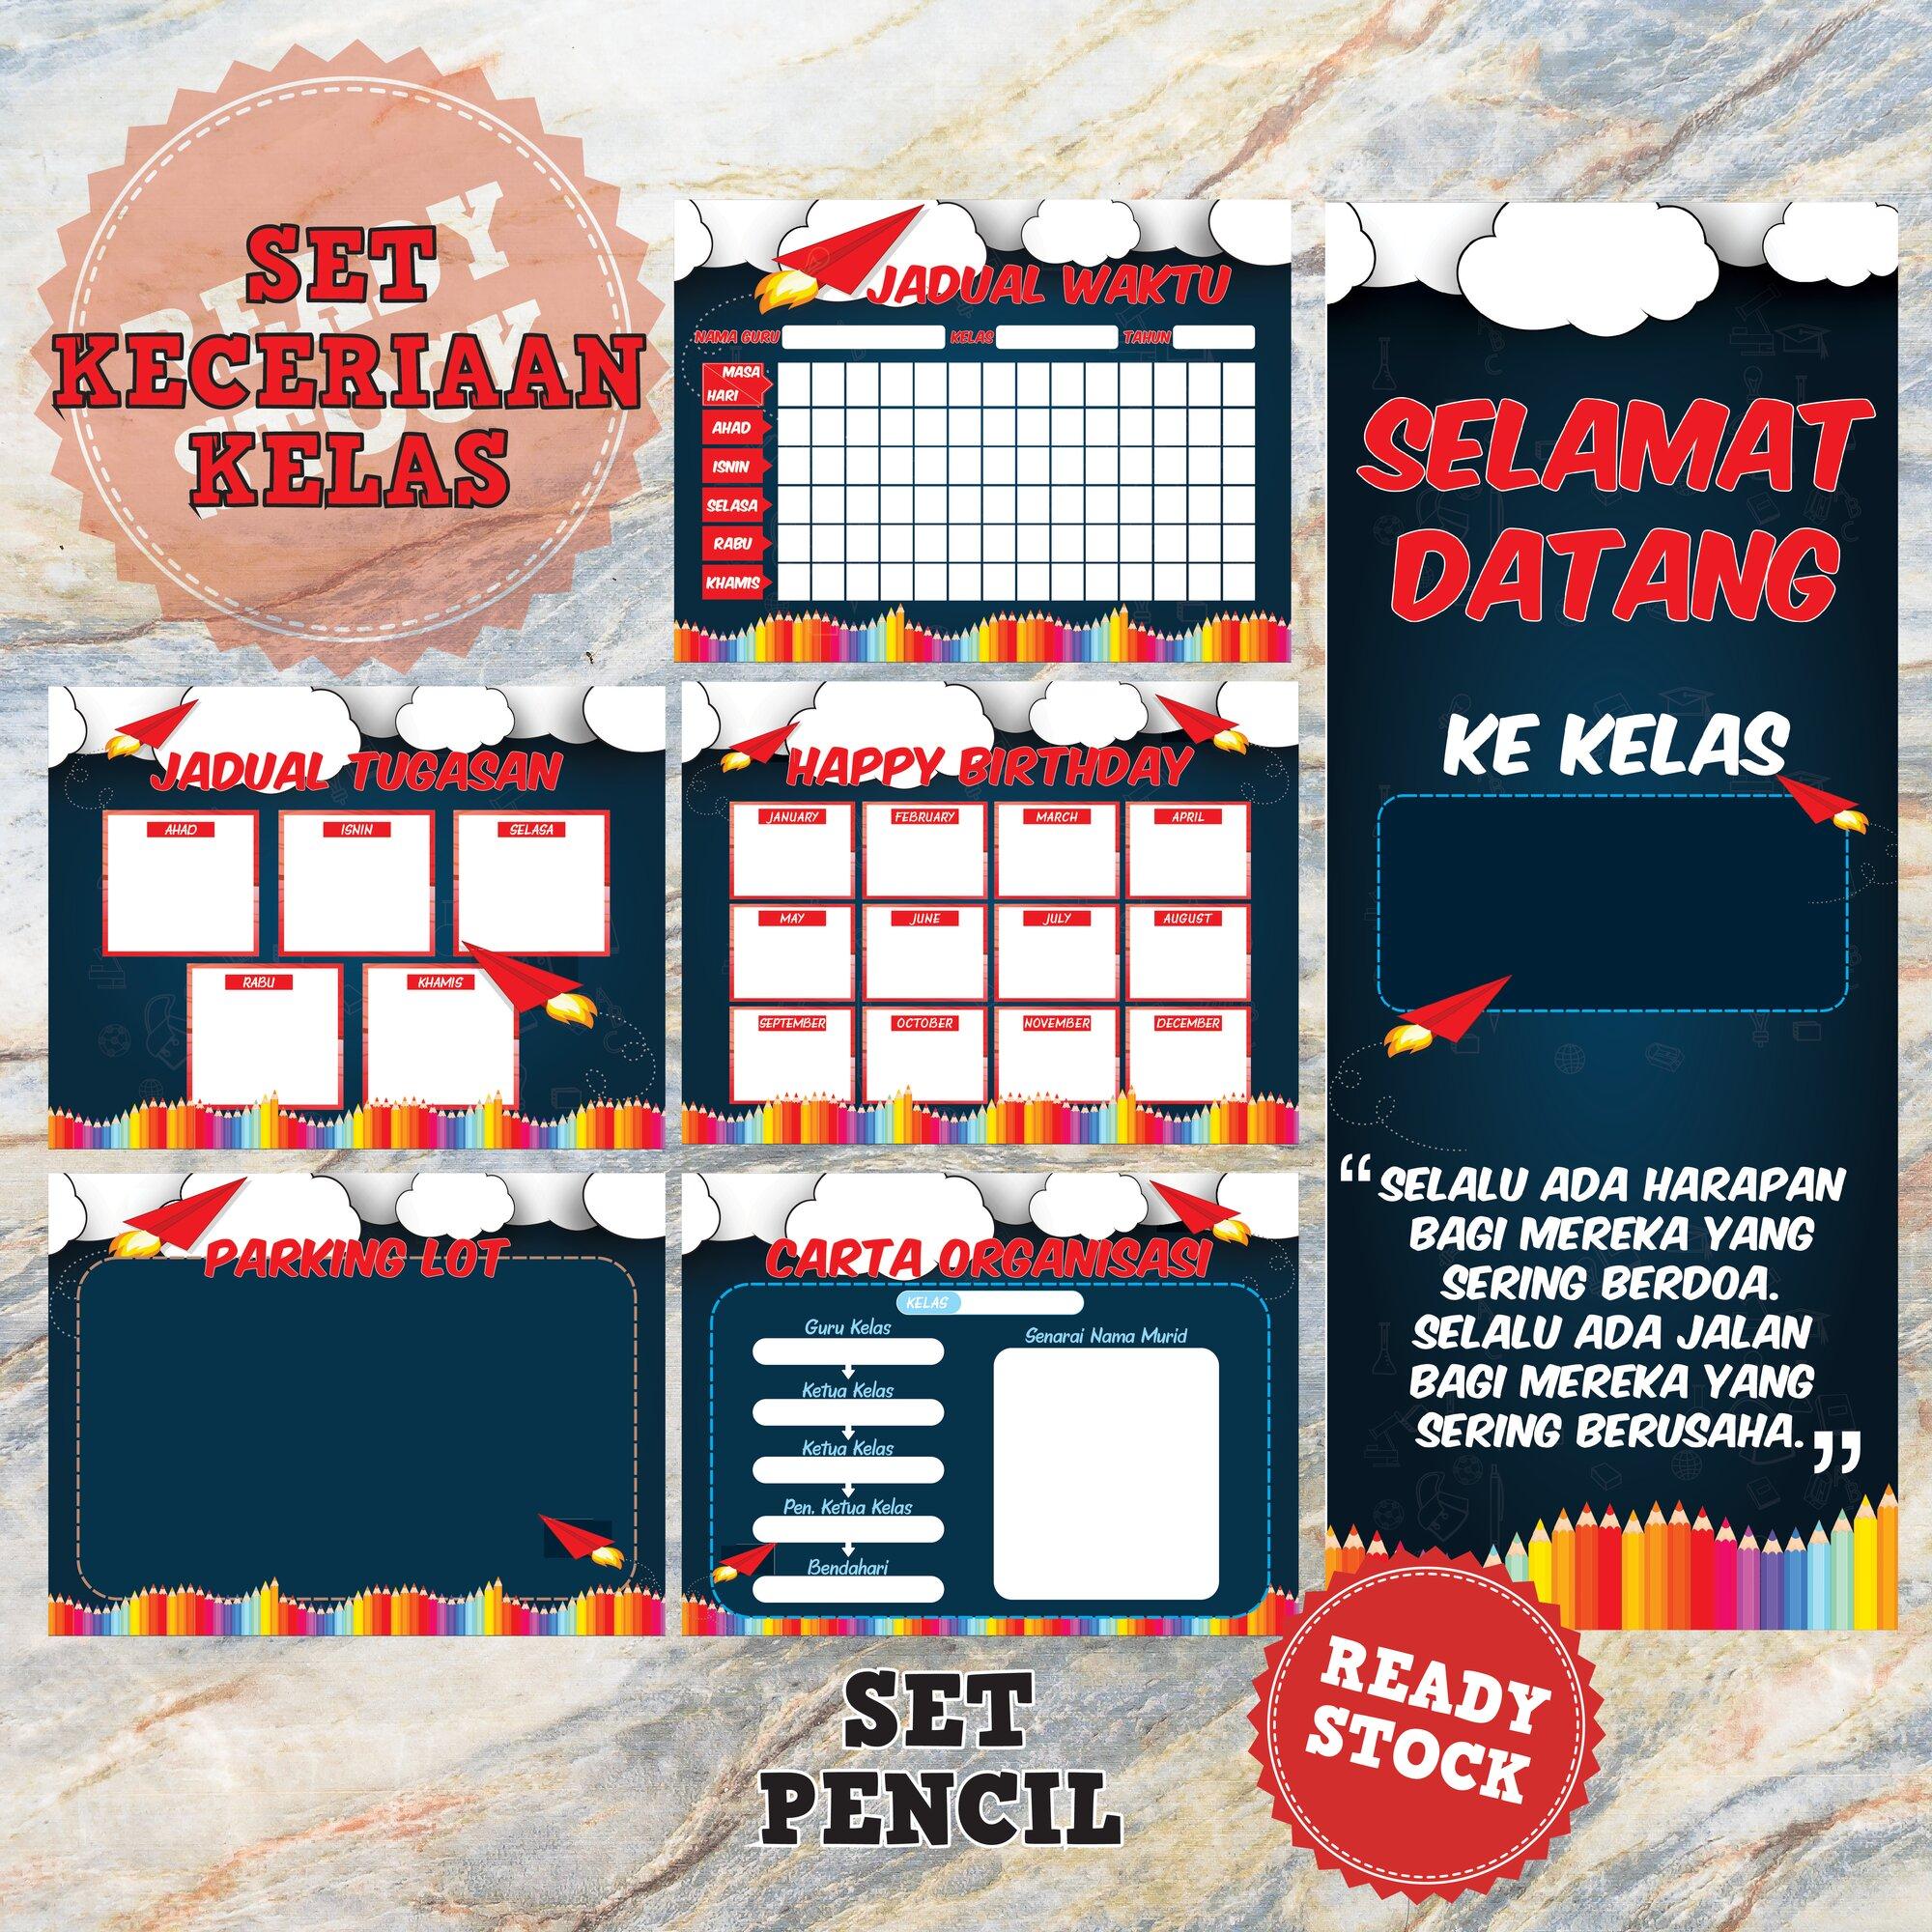 Set Pencil